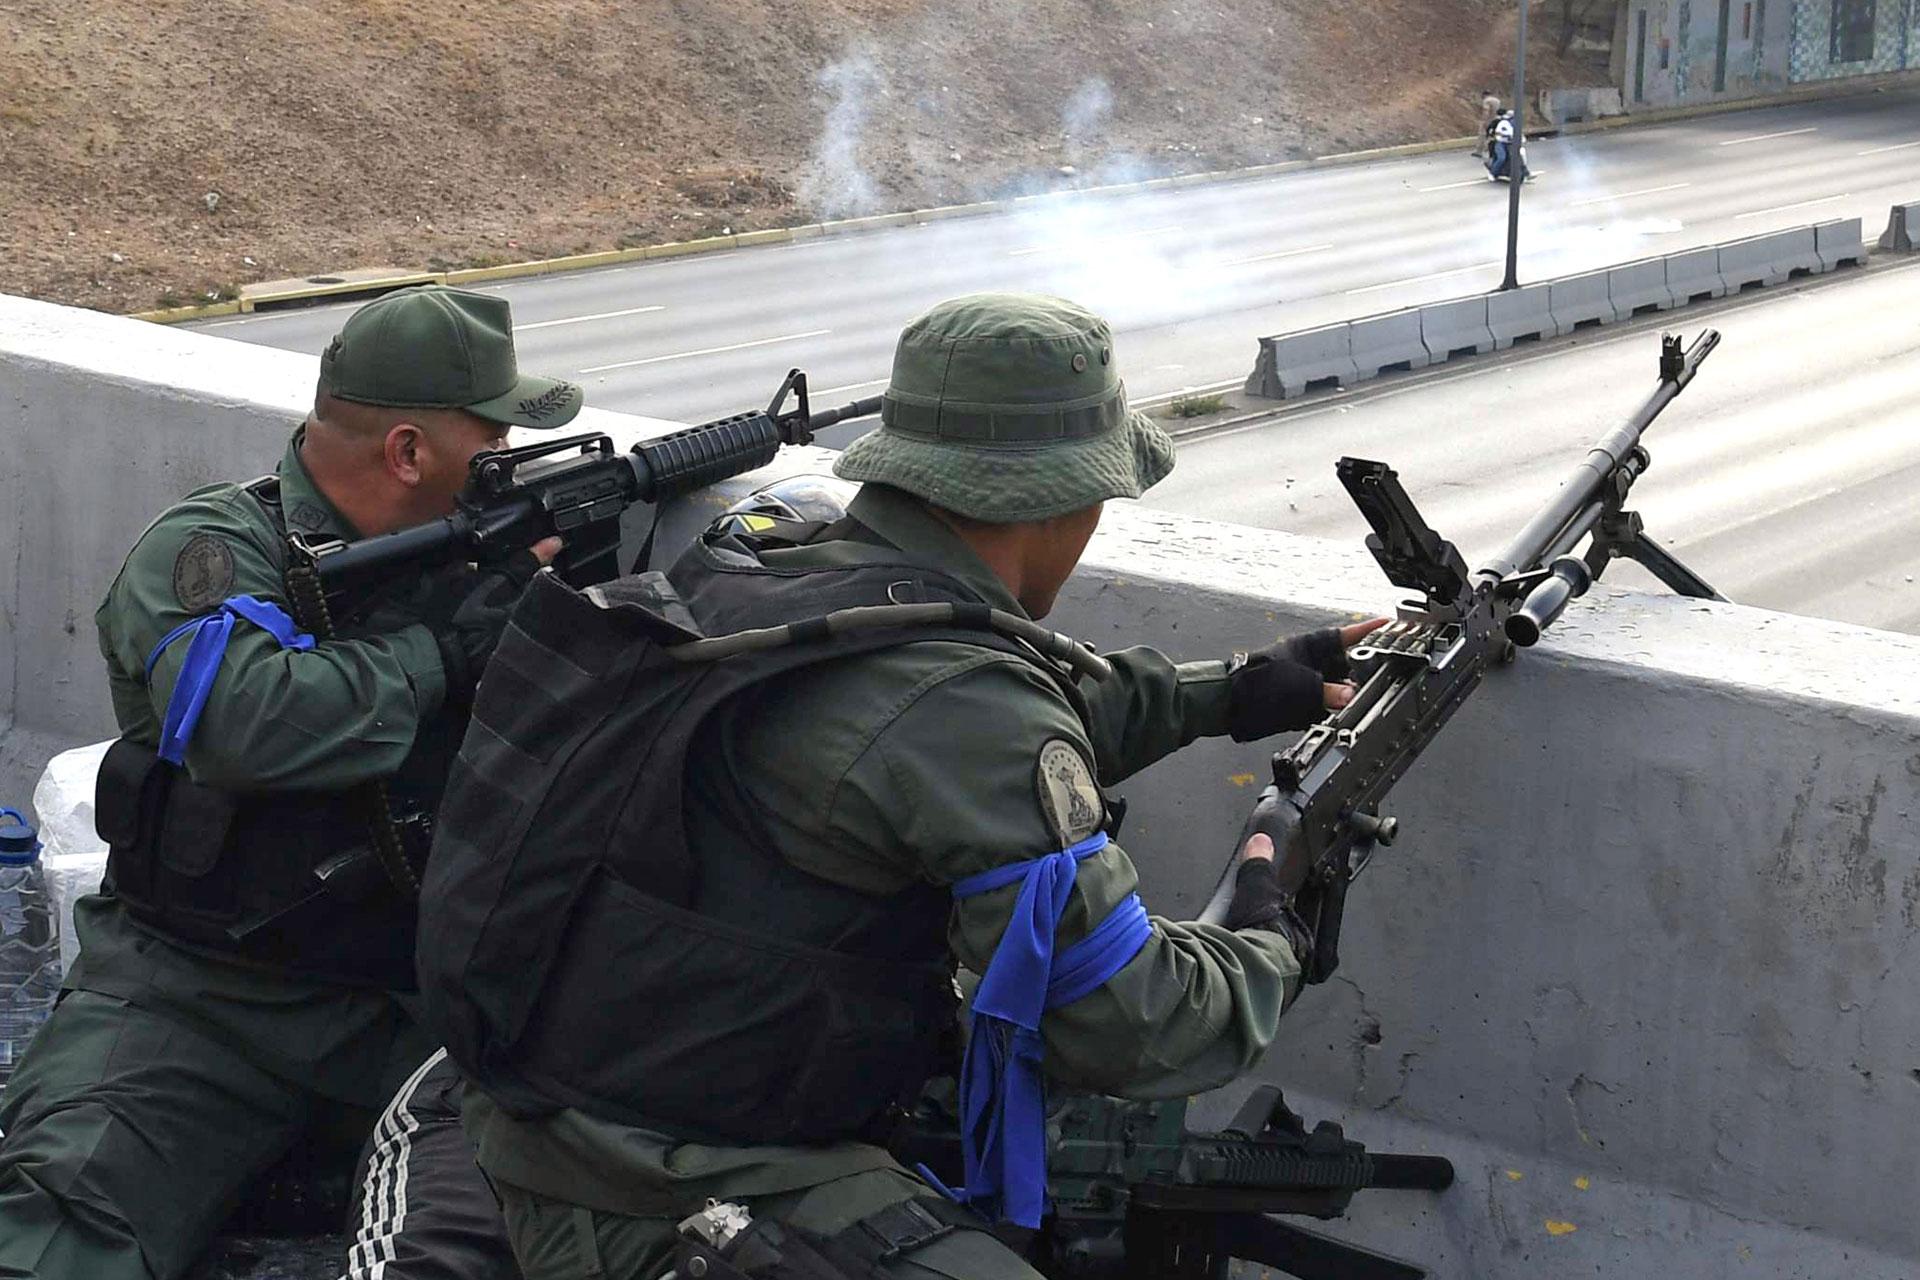 Los enfrentamientos dejaron decenas de heridos y detenidos (AFP)